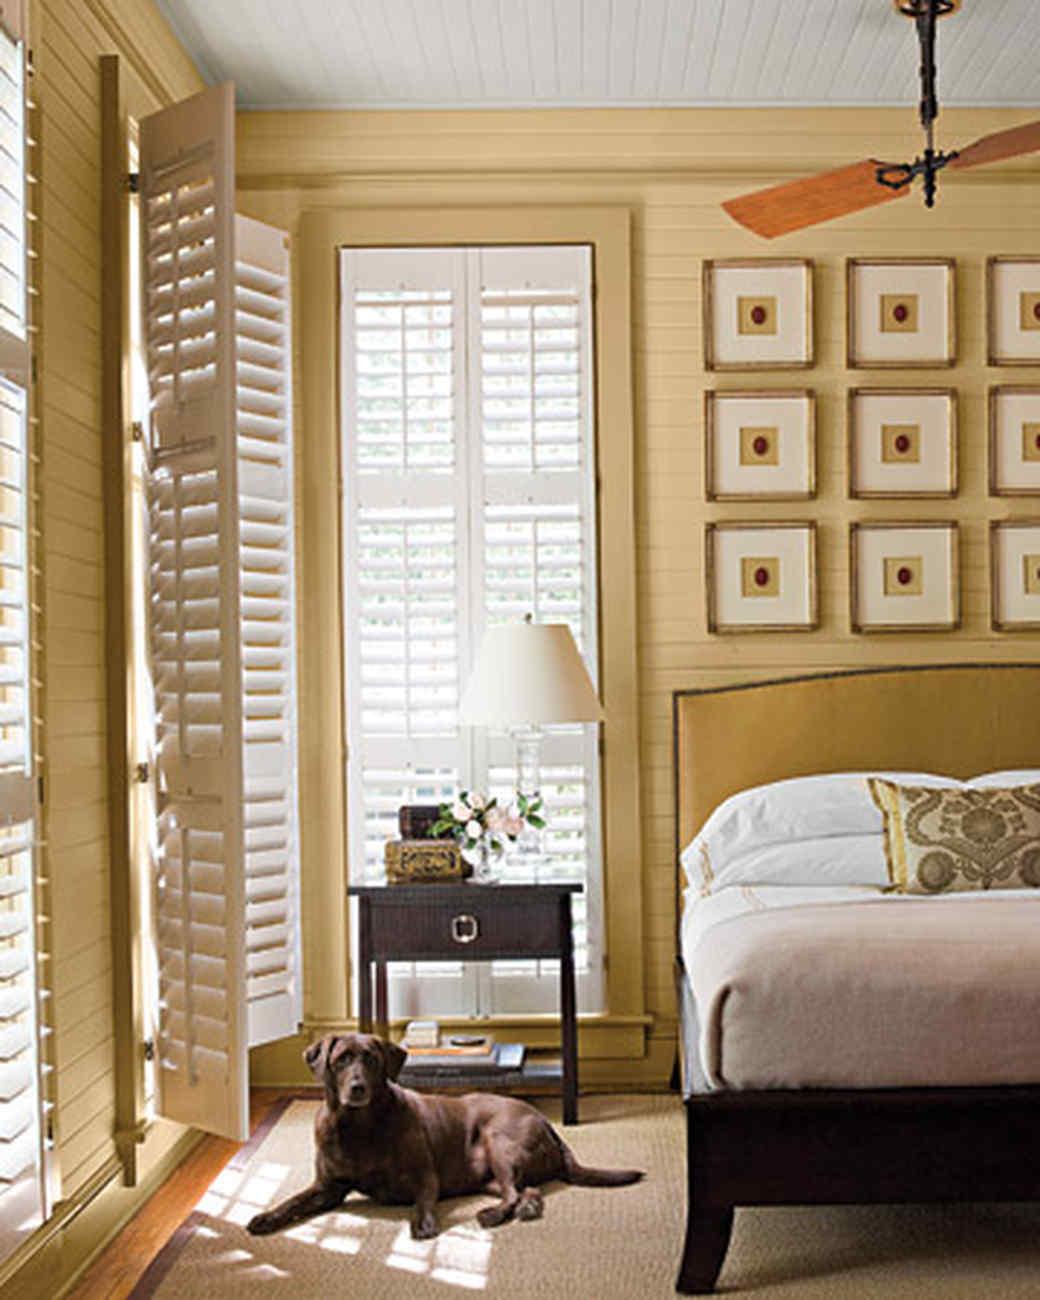 Bedroom Designs Pictures - Breezy bedroom